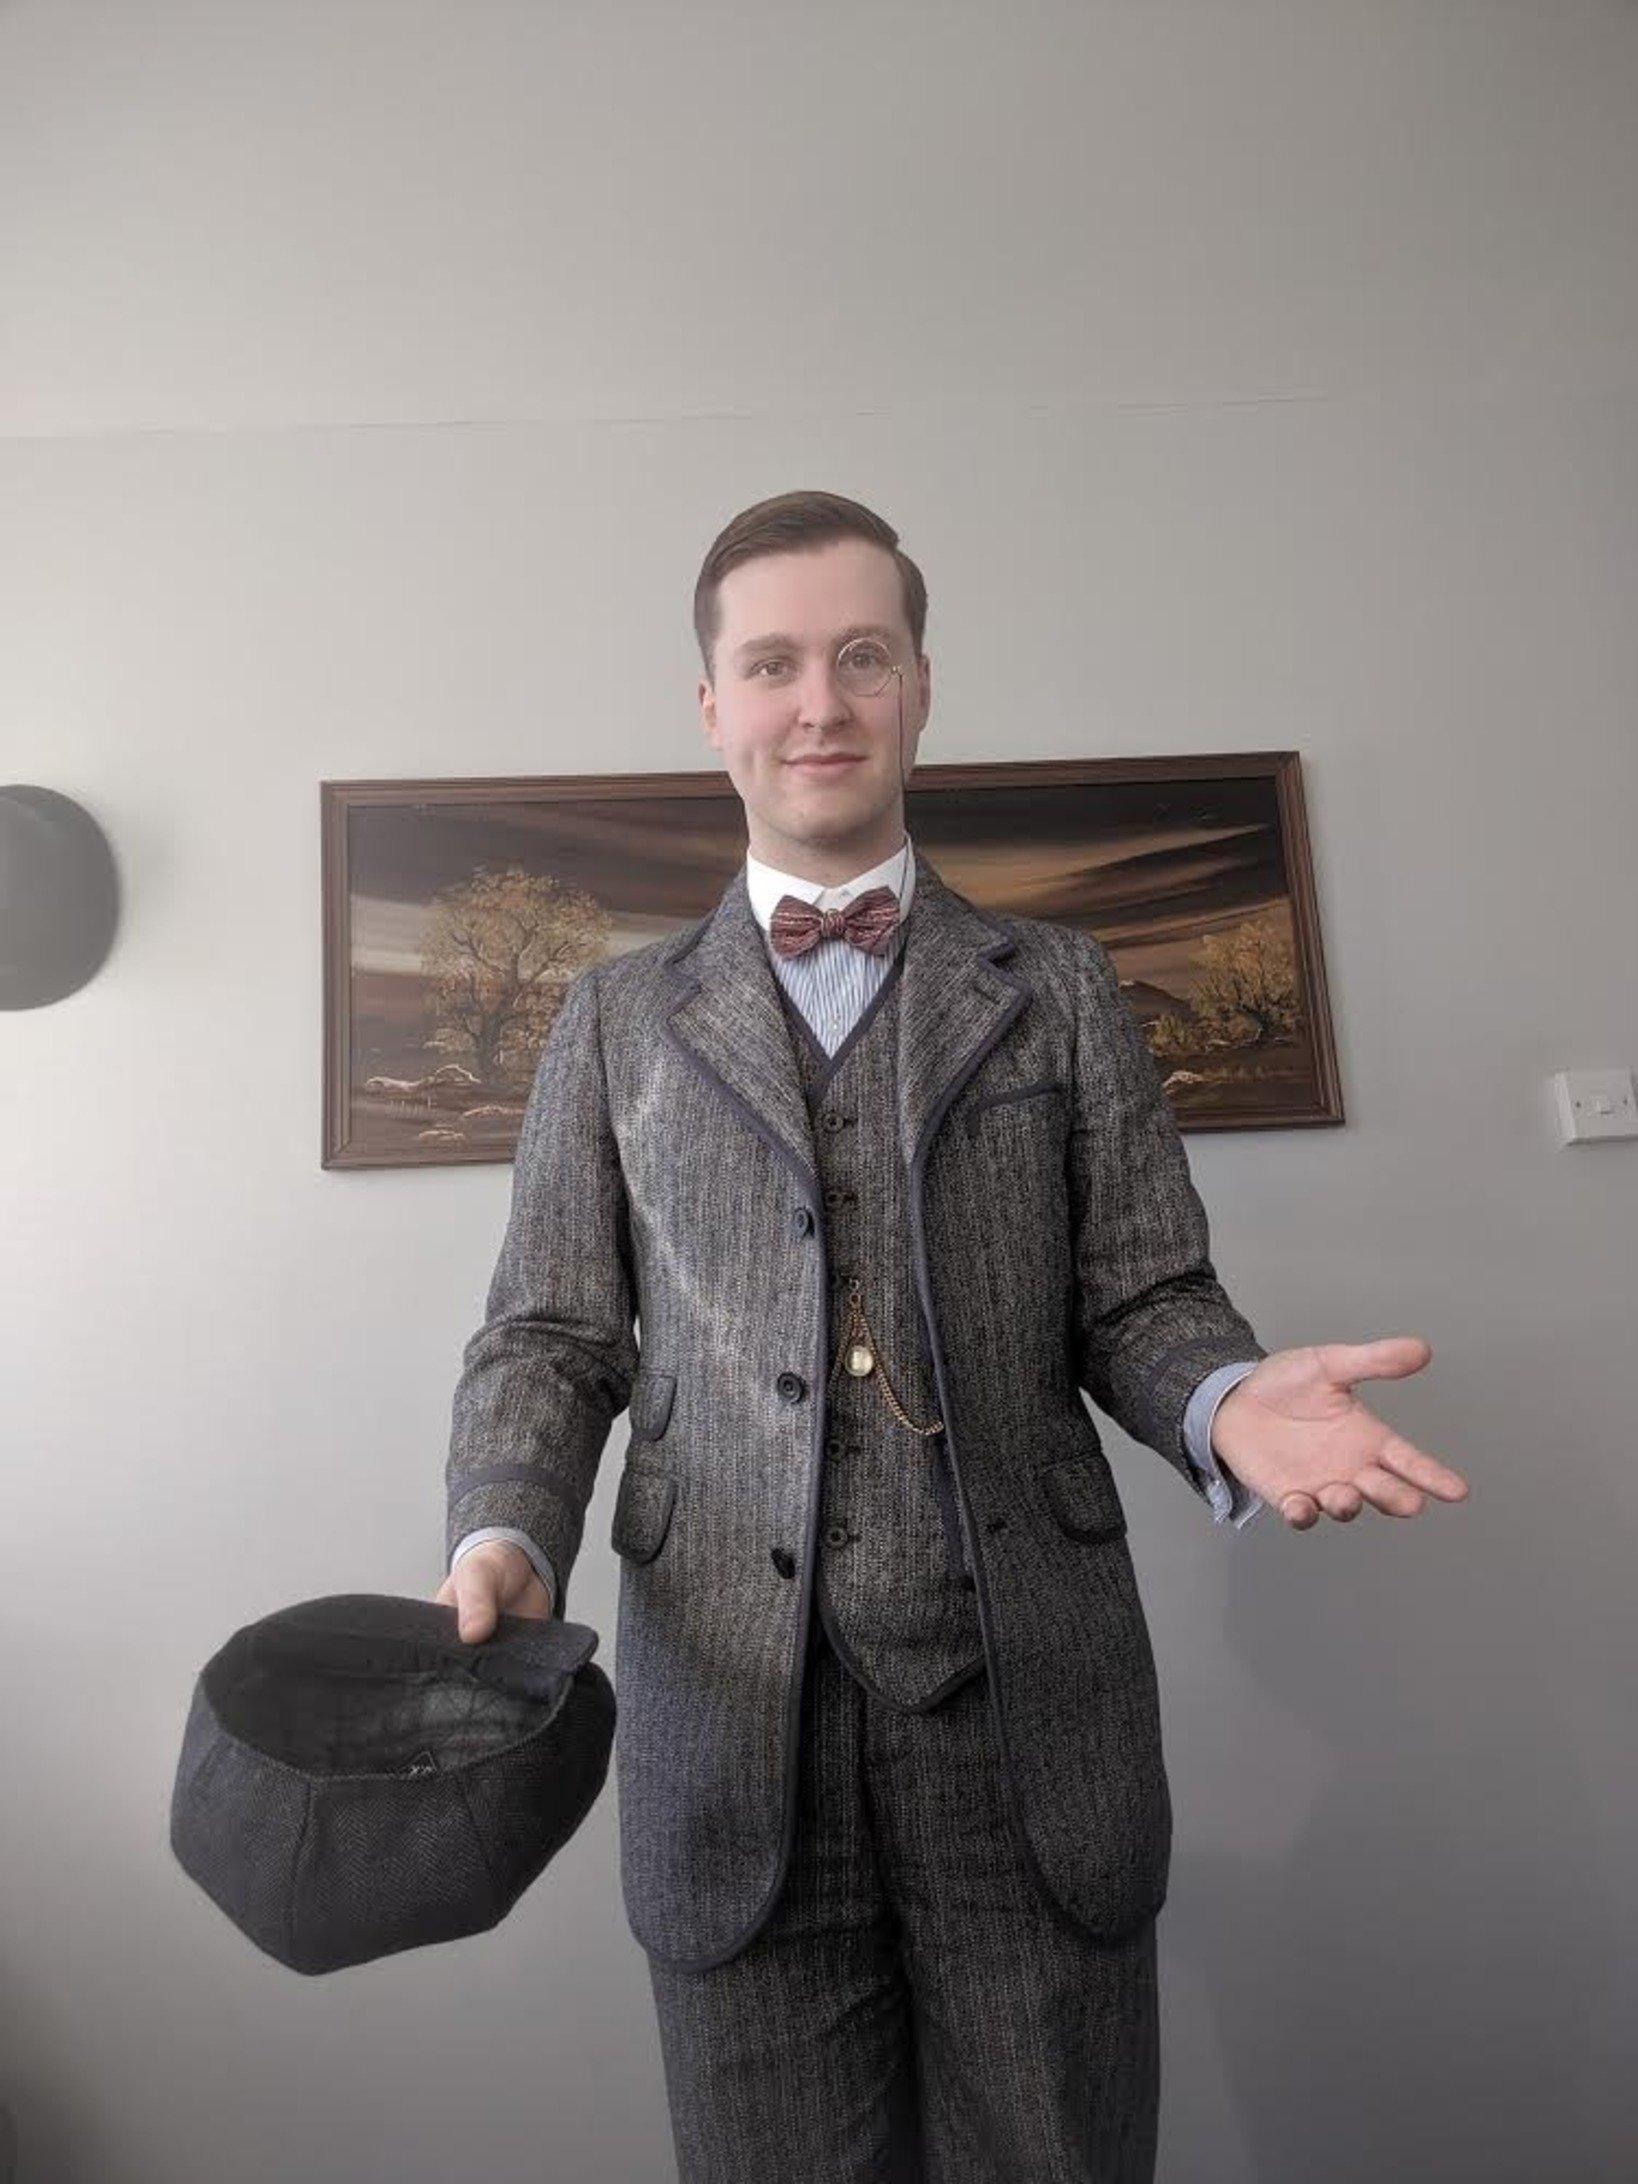 1907年製のスーツに身を包むアーロンさん。アンティークのモノクルはアーロンさんのトレードマークとなっている。